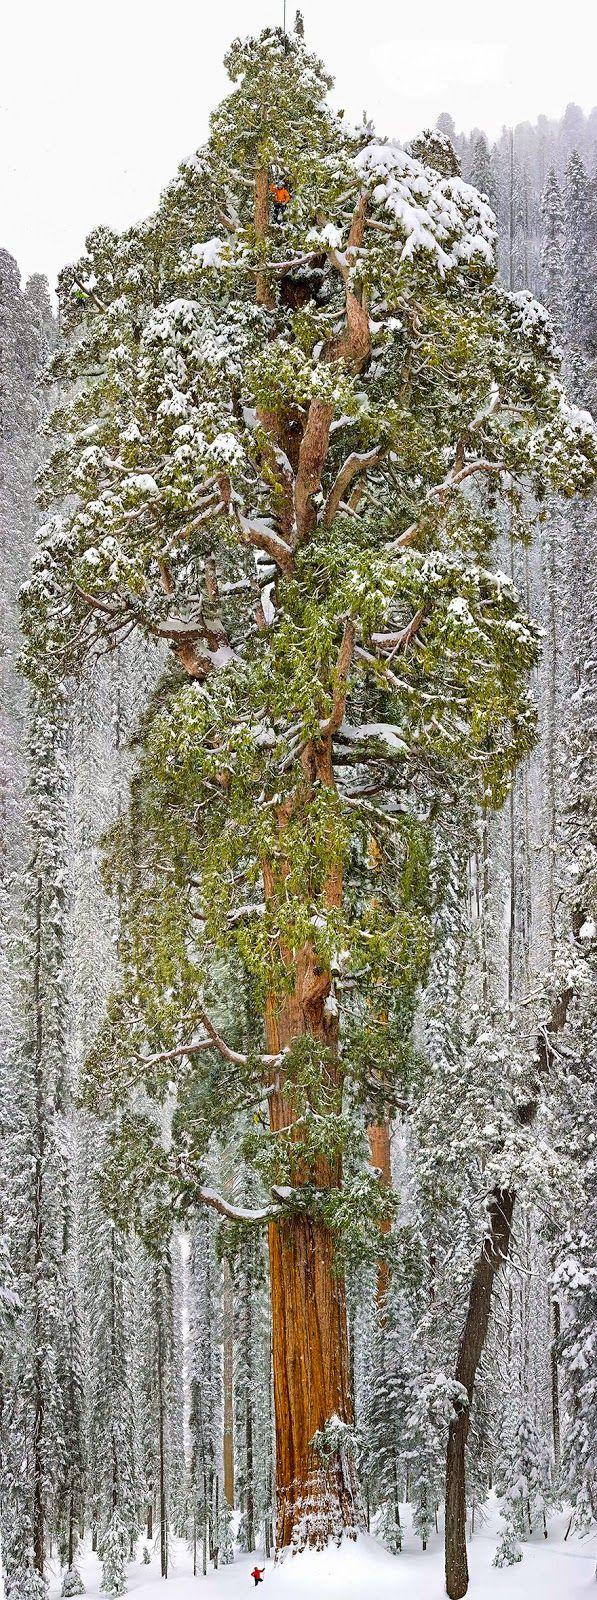 Pohon setinggi 73 meter yang ditutupi salju, berada di taman nasional california